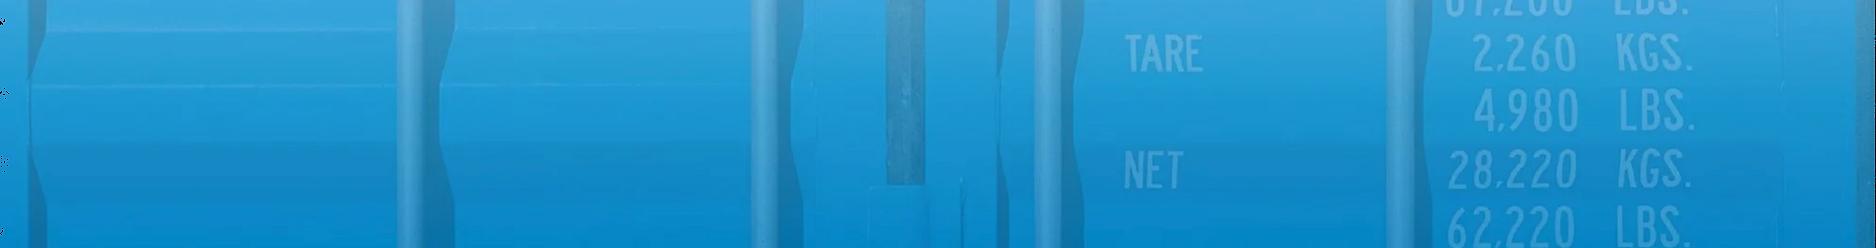 Container-Hintergrund 2.png